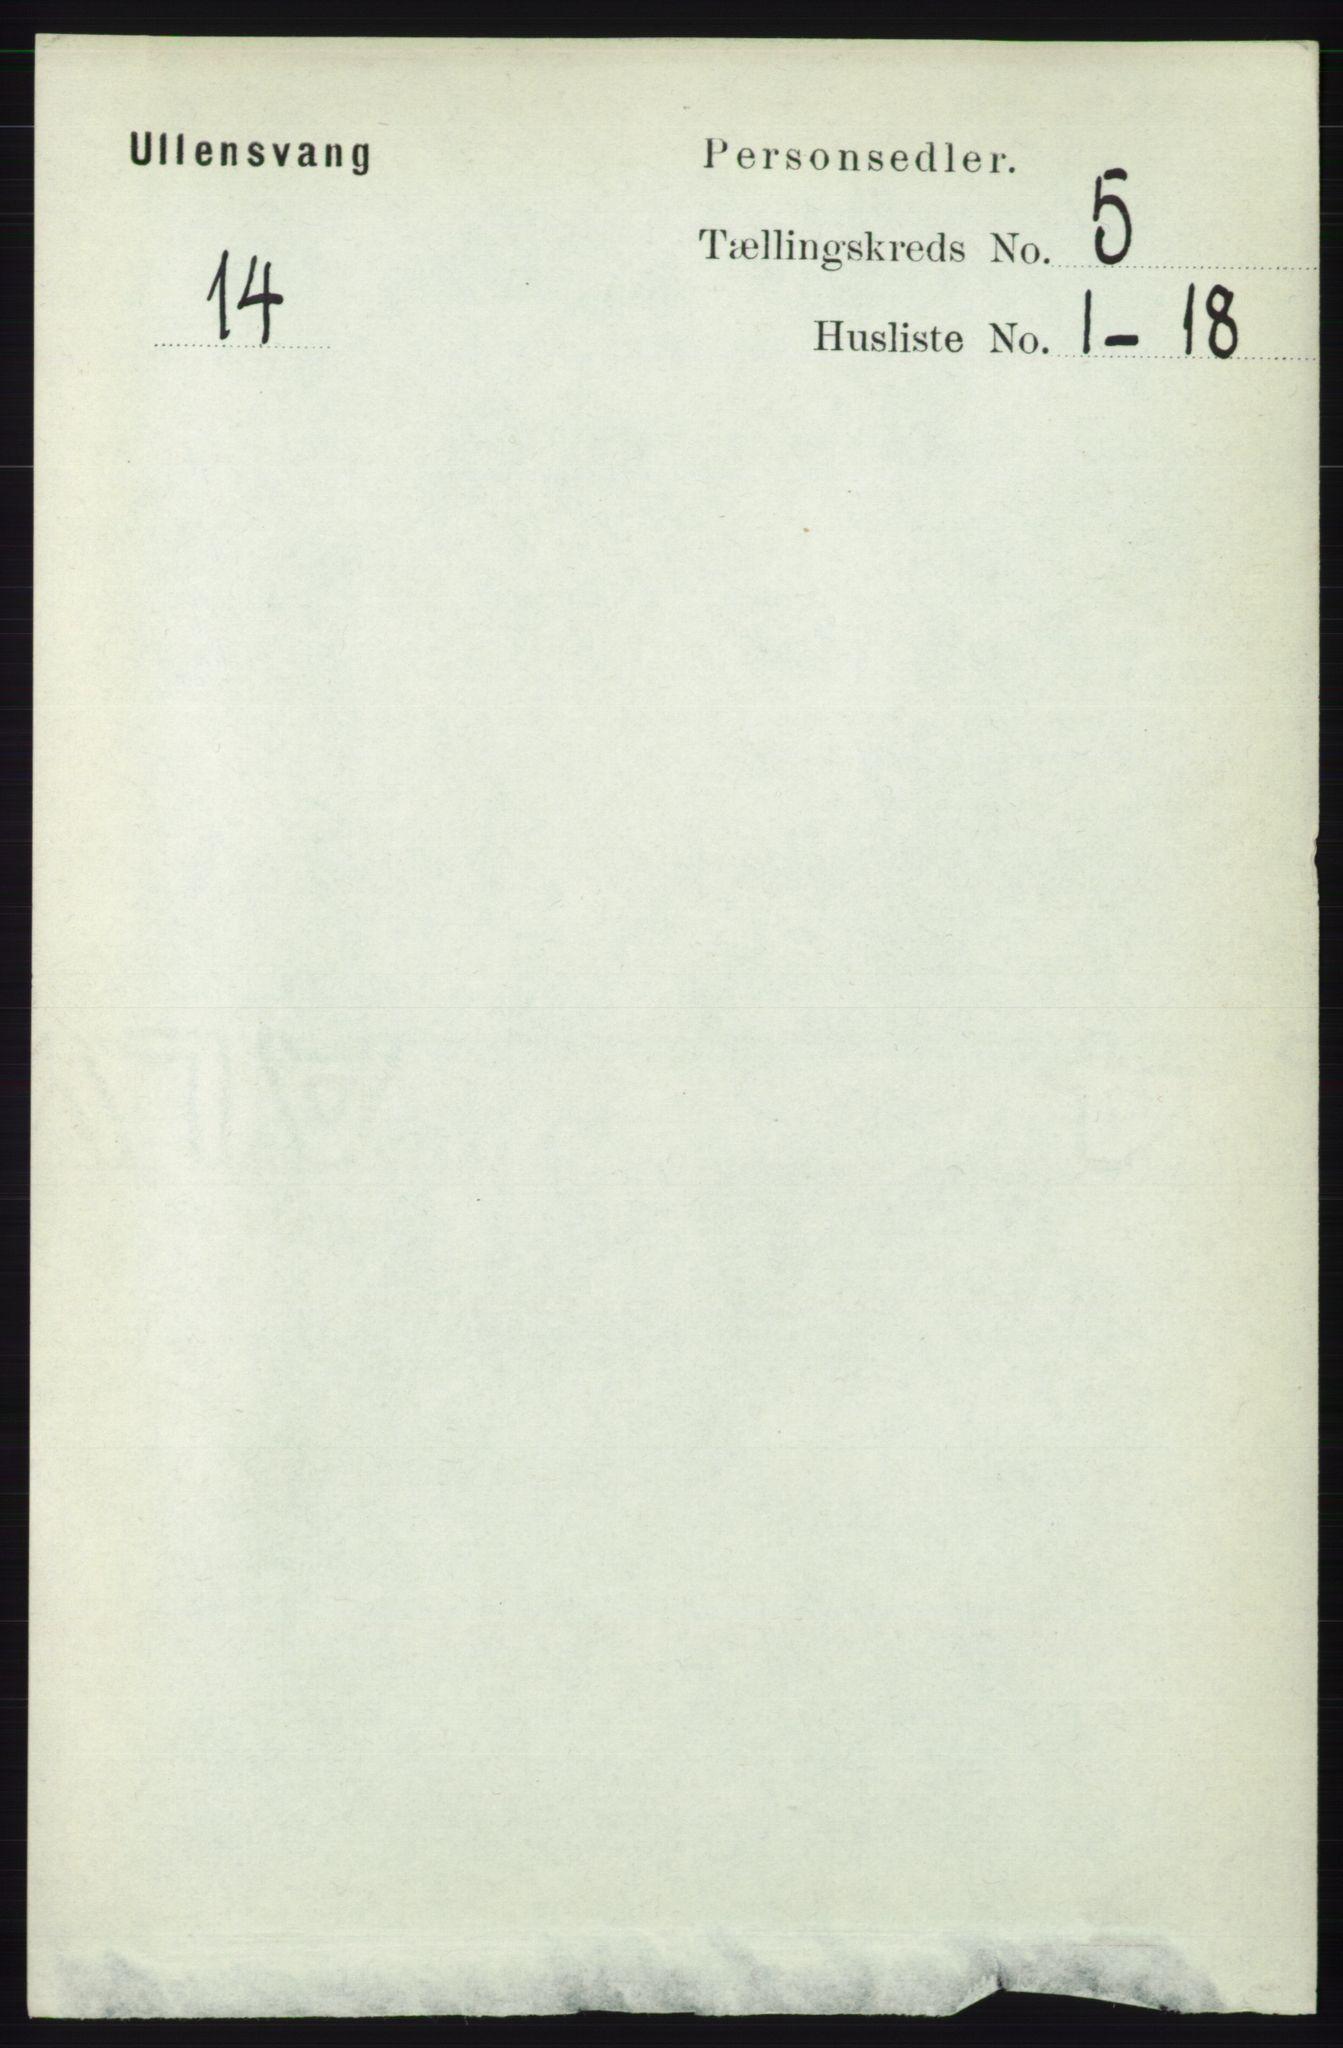 RA, Folketelling 1891 for 1230 Ullensvang herred, 1891, s. 1613